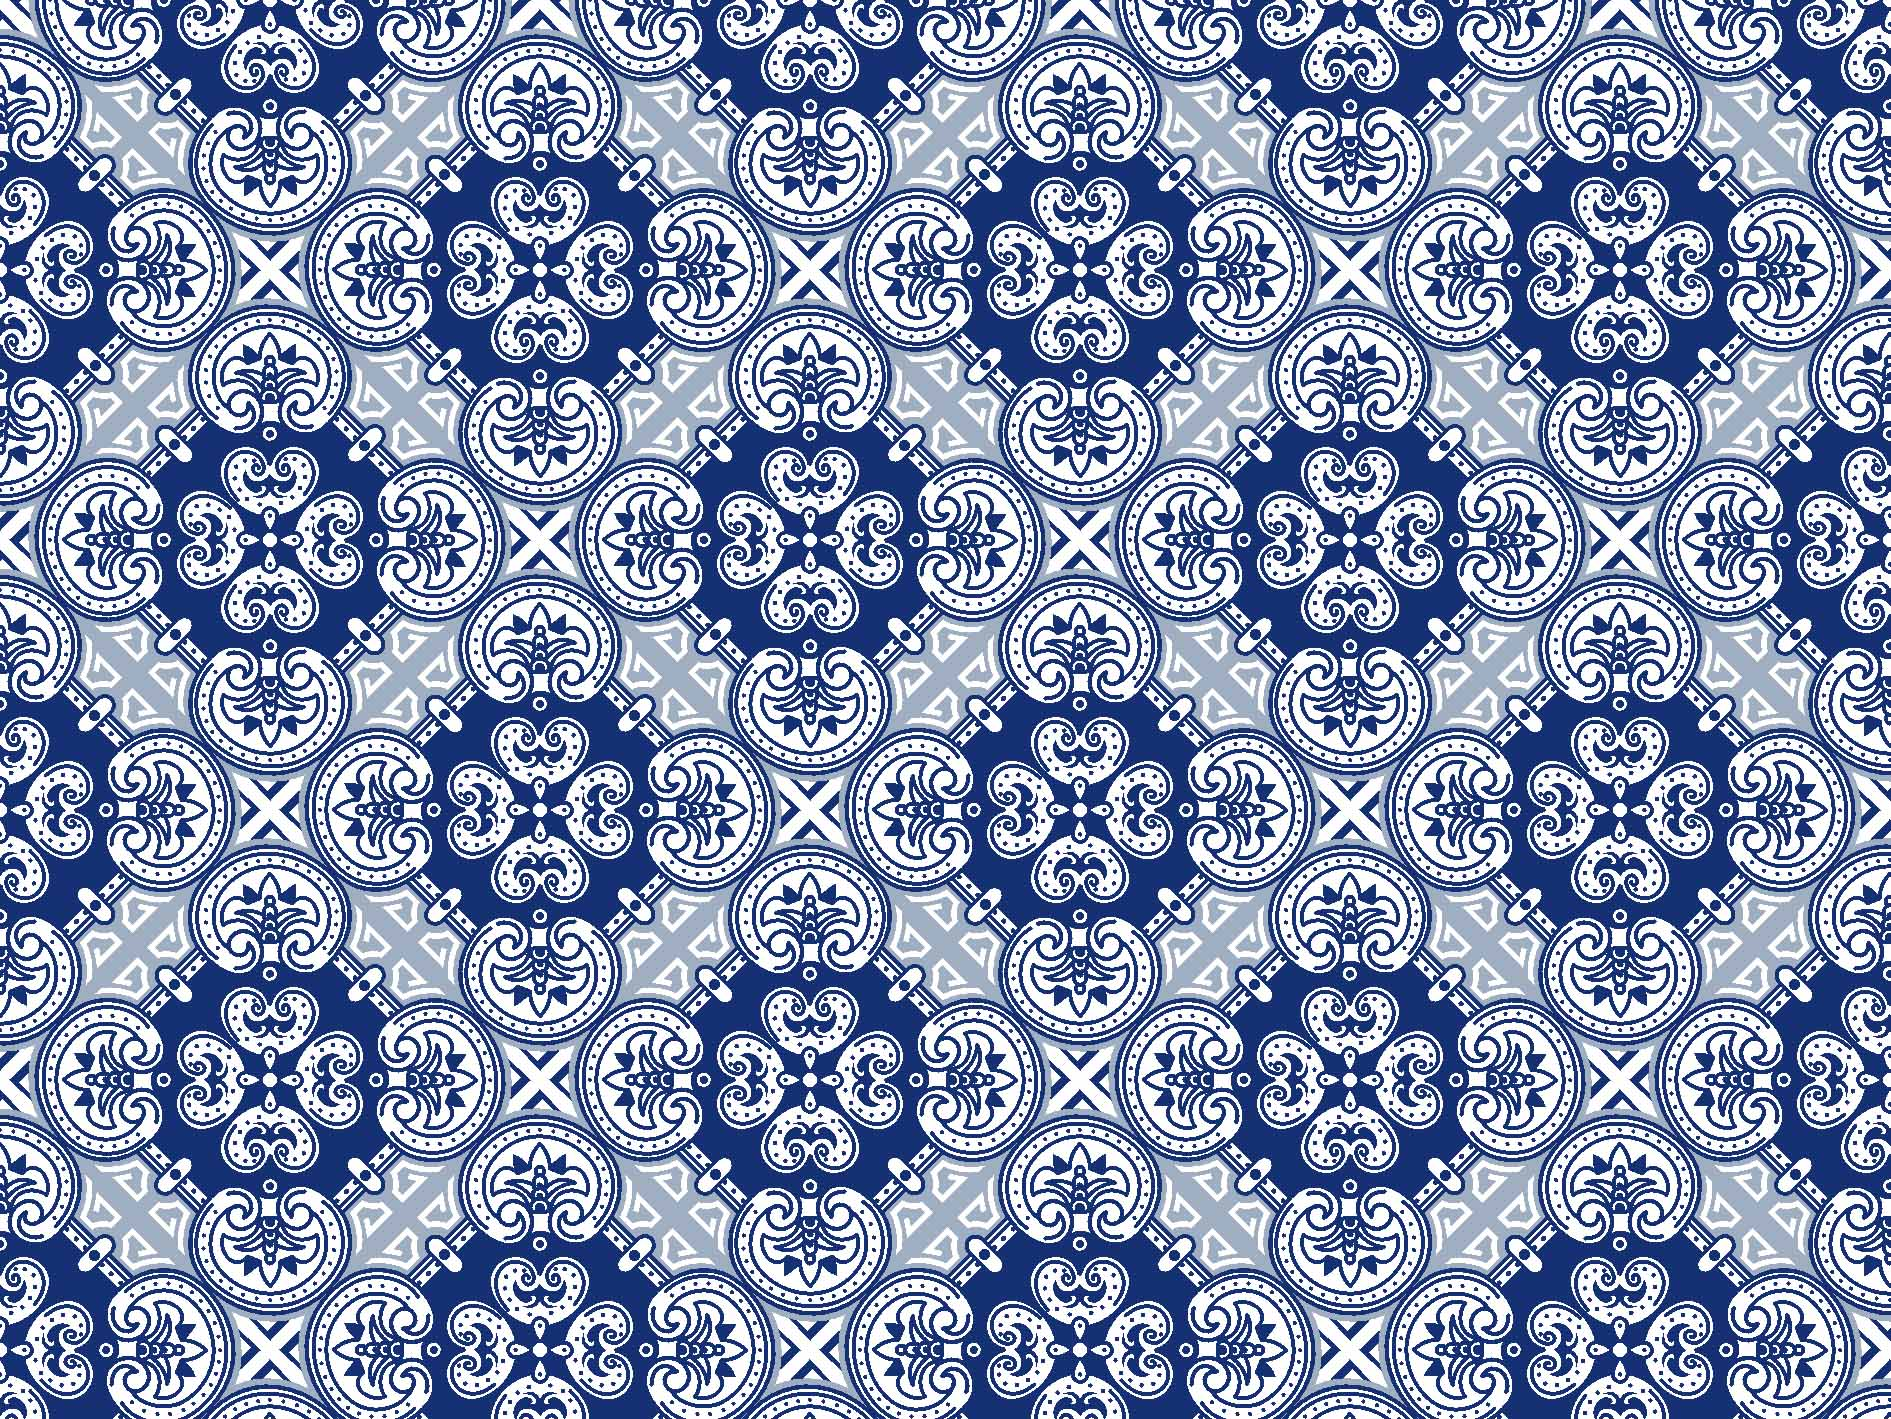 Tc358 tecido azulejo azul fabricart pannobom elo7 for Azulejo azul